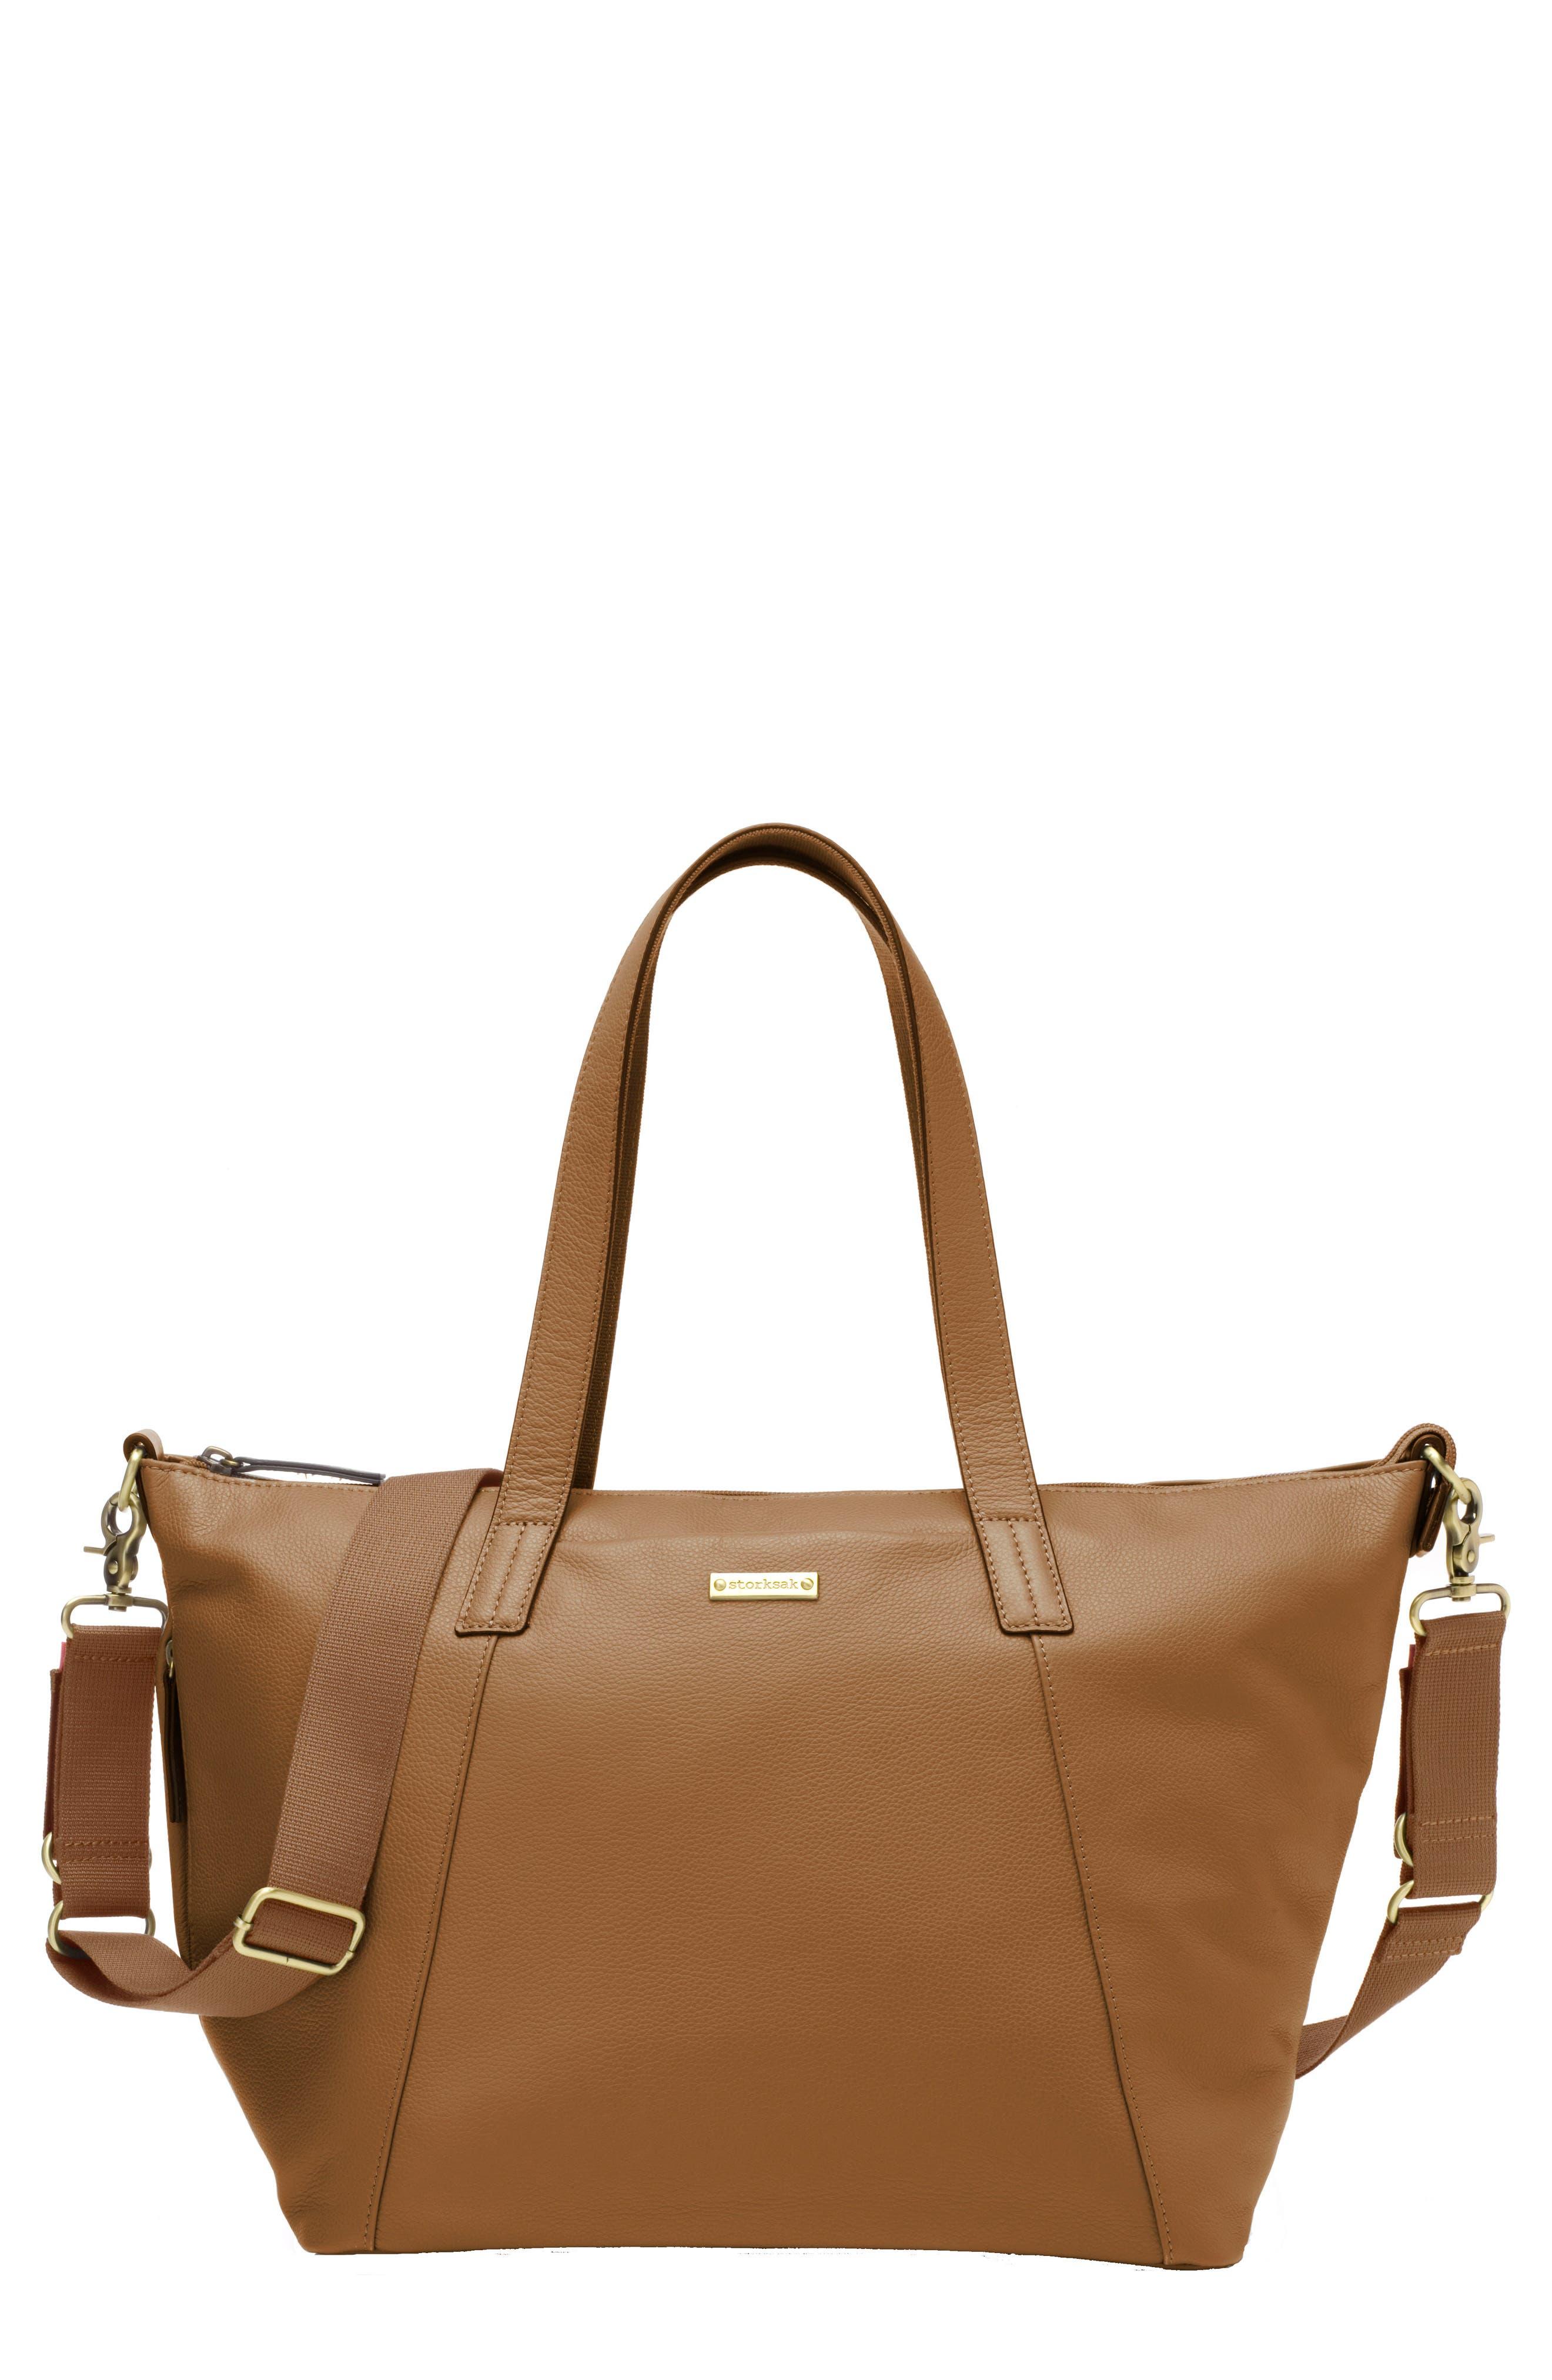 Alternate Image 1 Selected - Storksak NOA Leather Diaper Bag